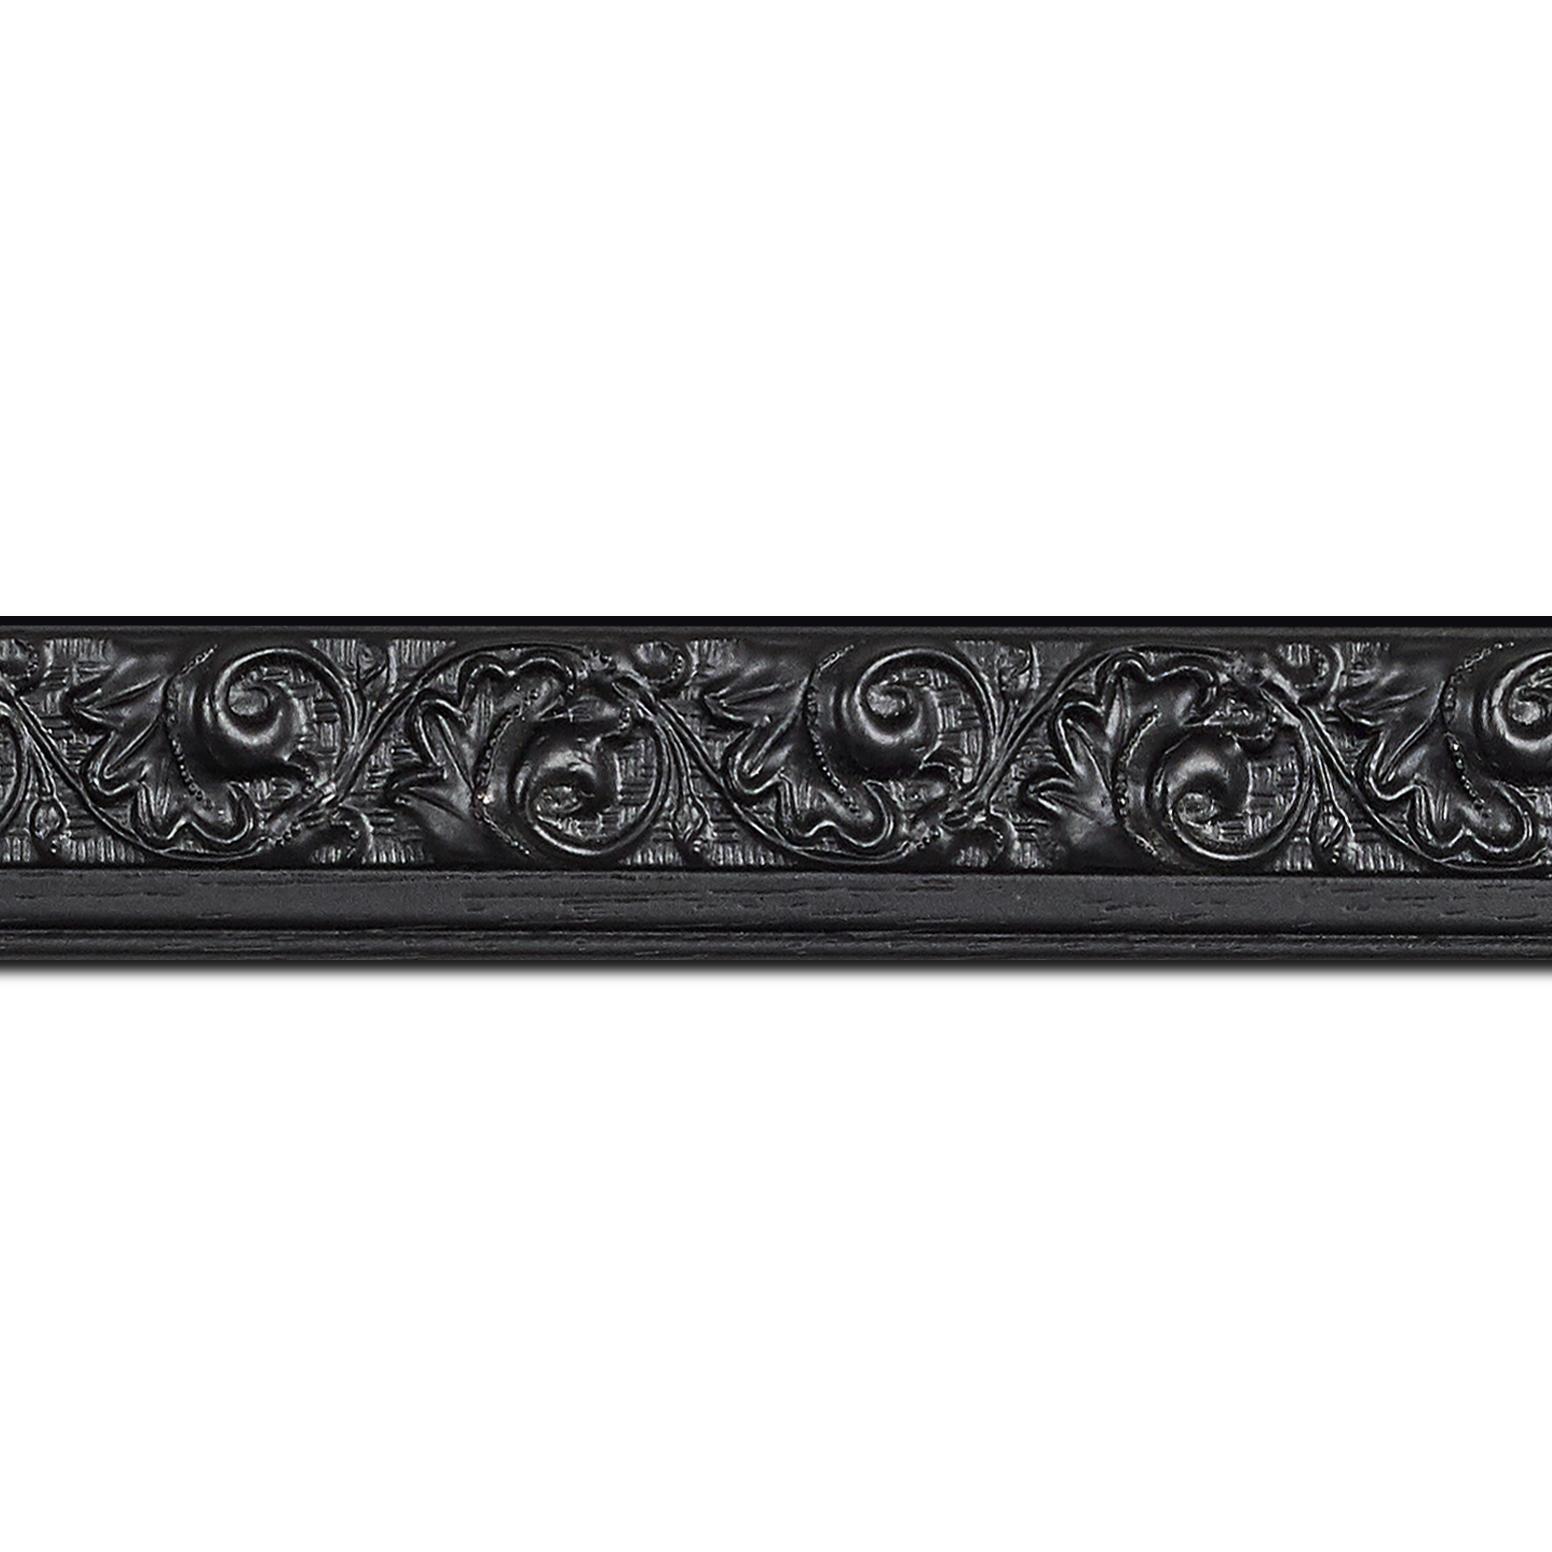 Baguette longueur 1.40m bois profil plat largeur 3.5cm couleur noir antique satiné décor frise